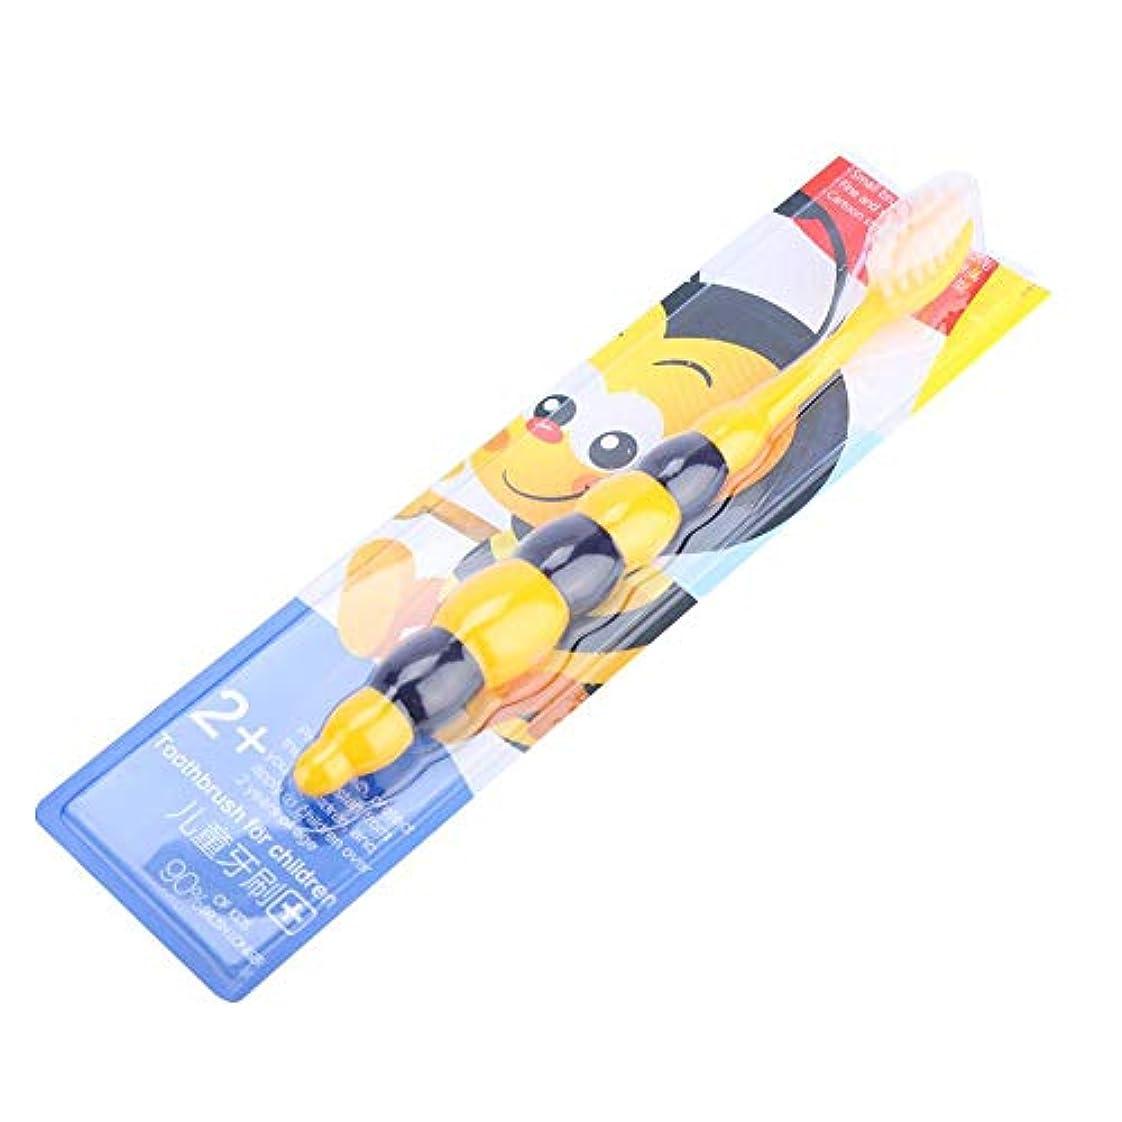 覚醒ほのめかす更新子供の柔らかい髪の歯ブラシの子供かわいいクリーニングの歯ブラシオーラルケアツール(黄色い蜂)